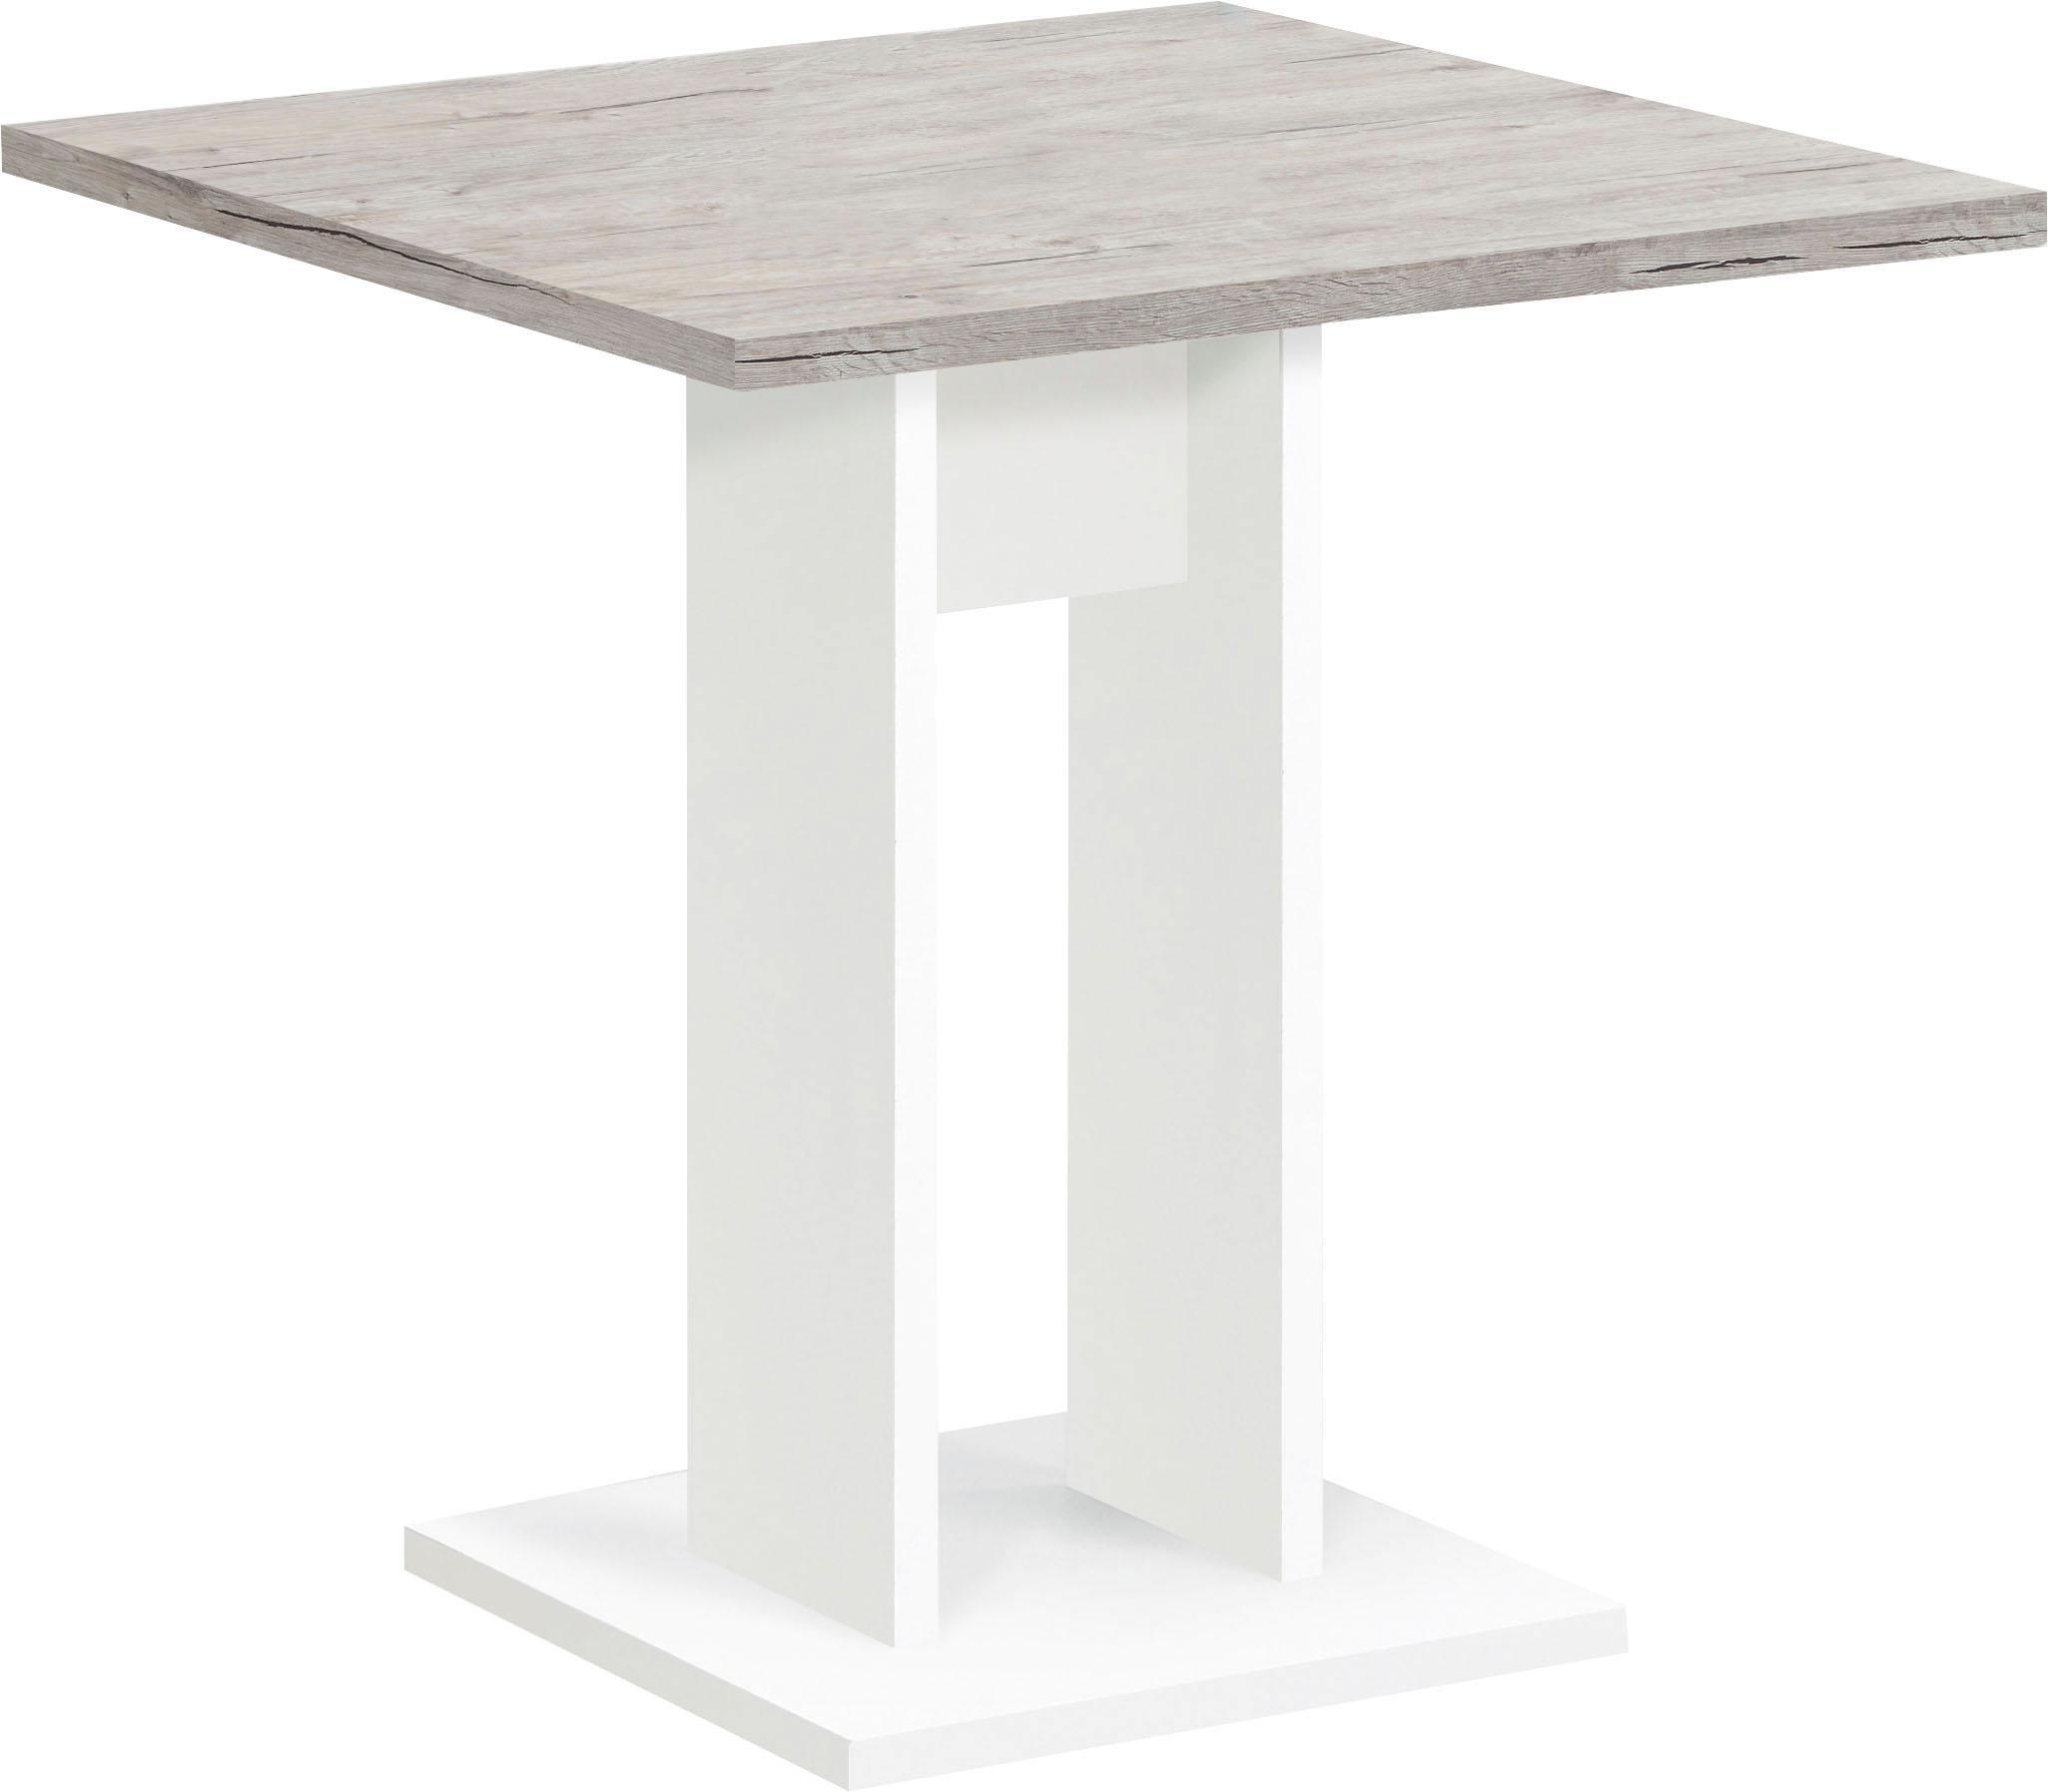 FMD Esstisch, Breite 70 cm beige Esstisch Esstische rechteckig Tische